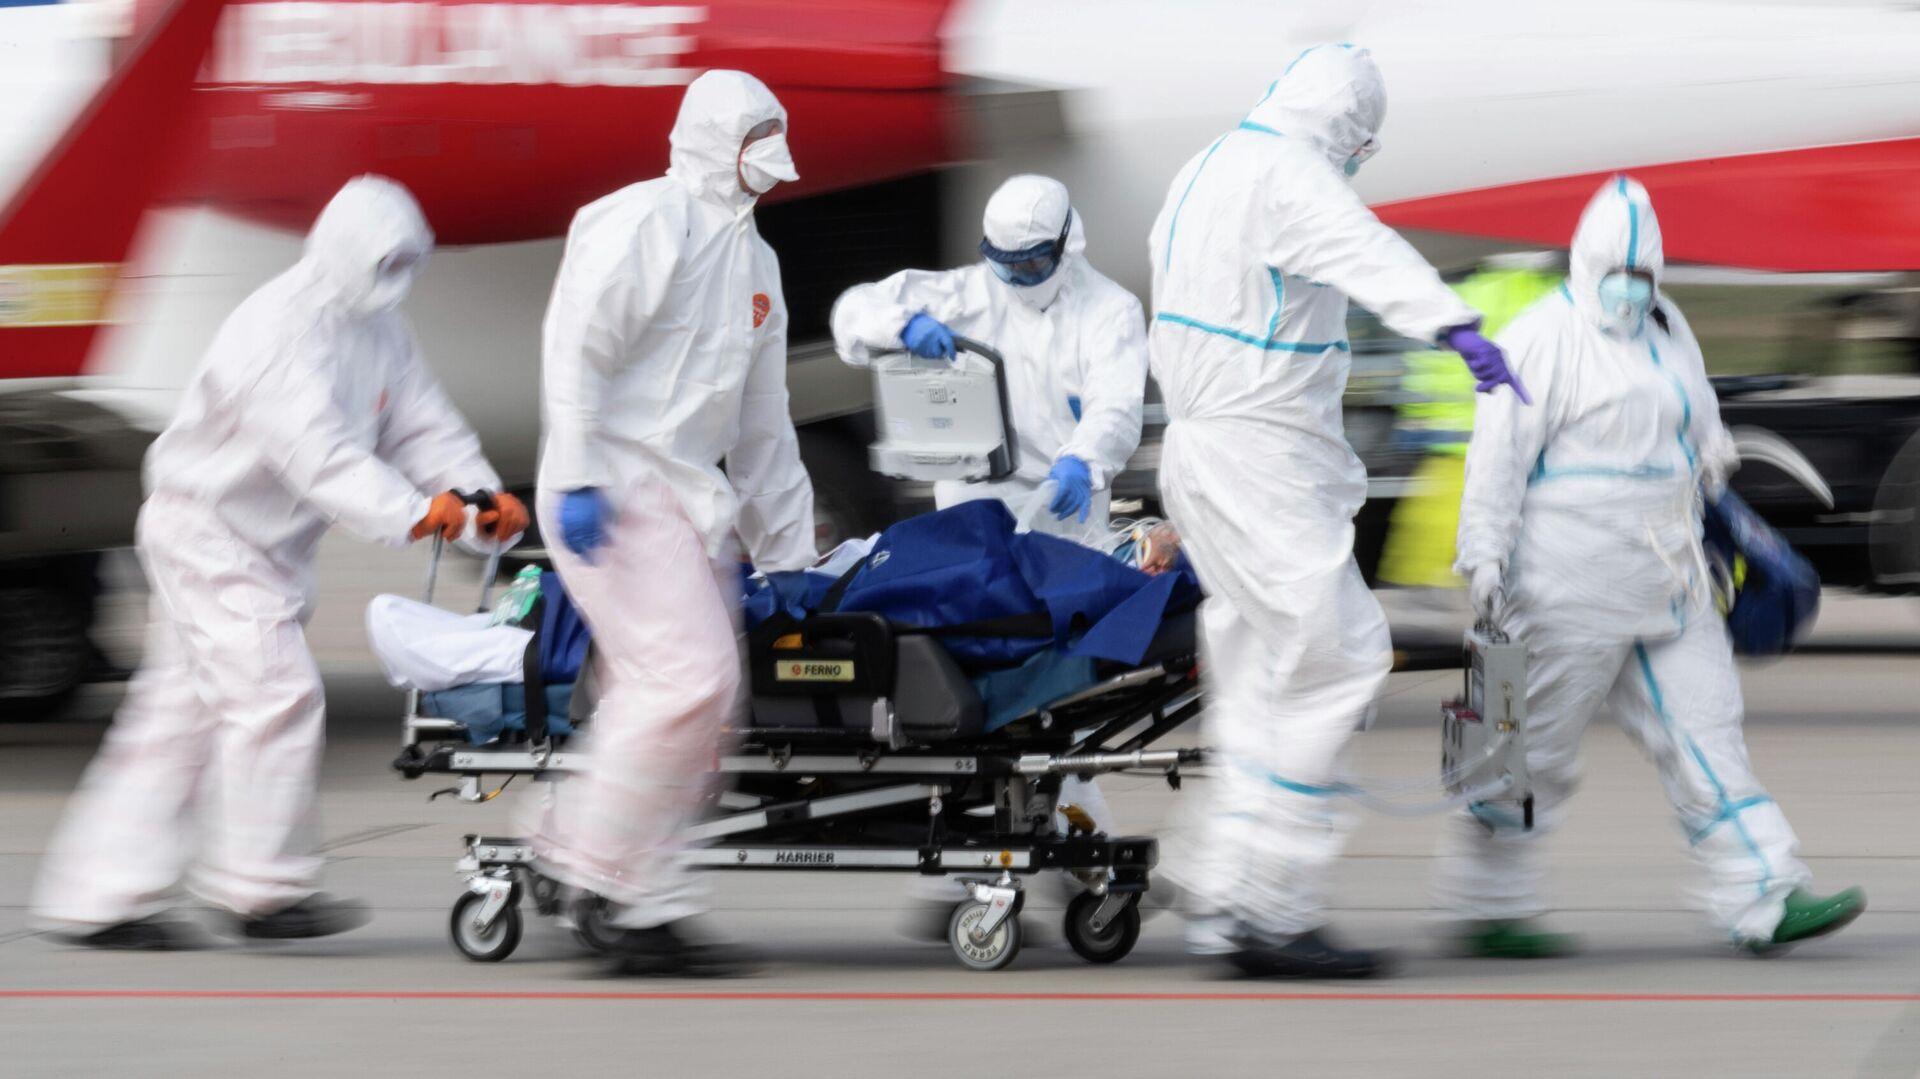 Медицинские работники везут пациента с коронавирусной инфекцией в Дрездене, Германия - РИА Новости, 1920, 30.10.2020